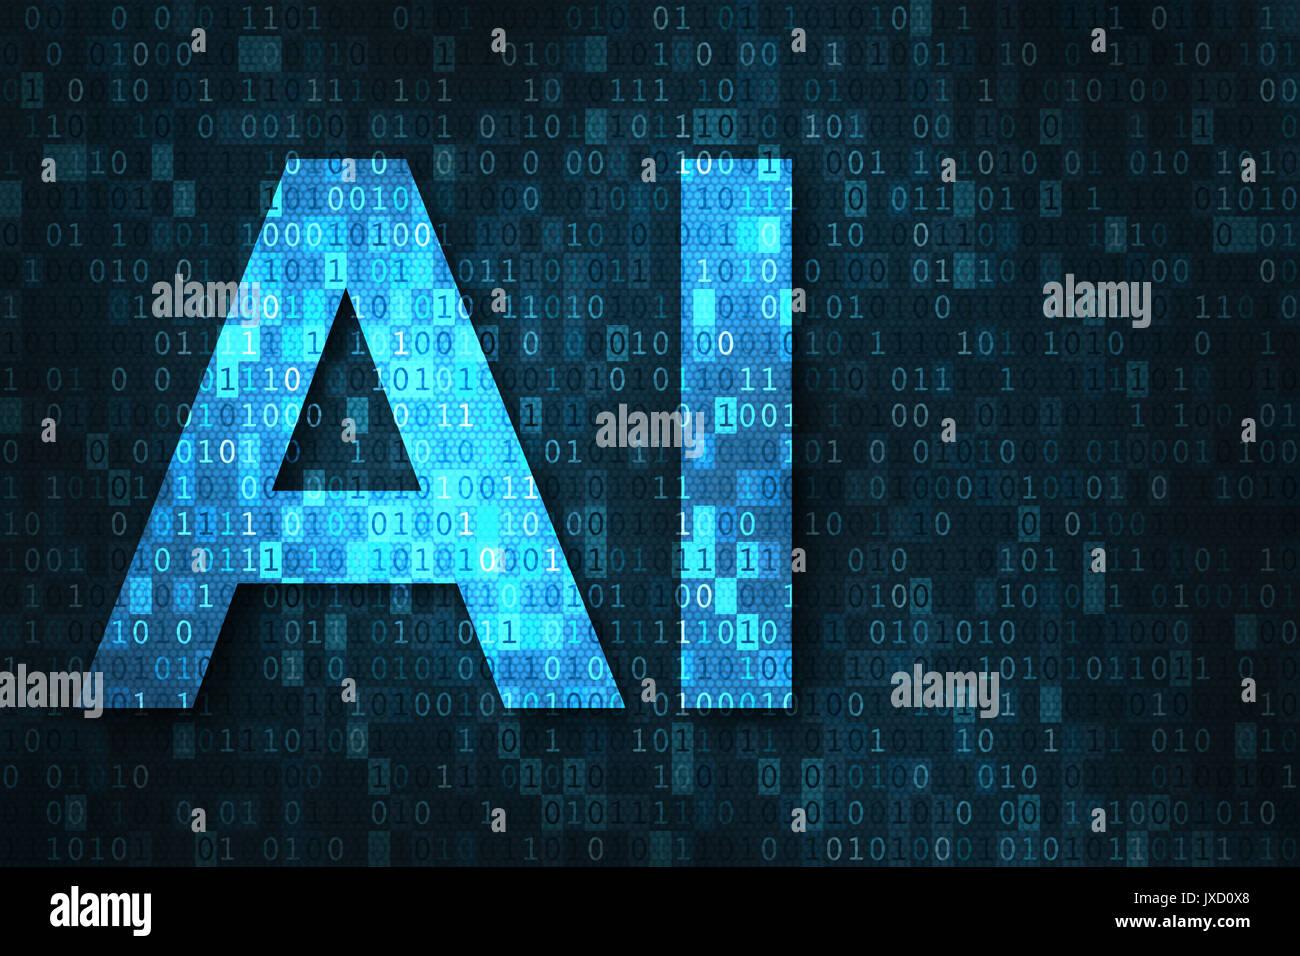 Intelligenza artificiale illustrazione con il testo in blu AI oltre il codice binario sfondo di matrice. Concetto astratto di tecnologia informatica e automazione Immagini Stock